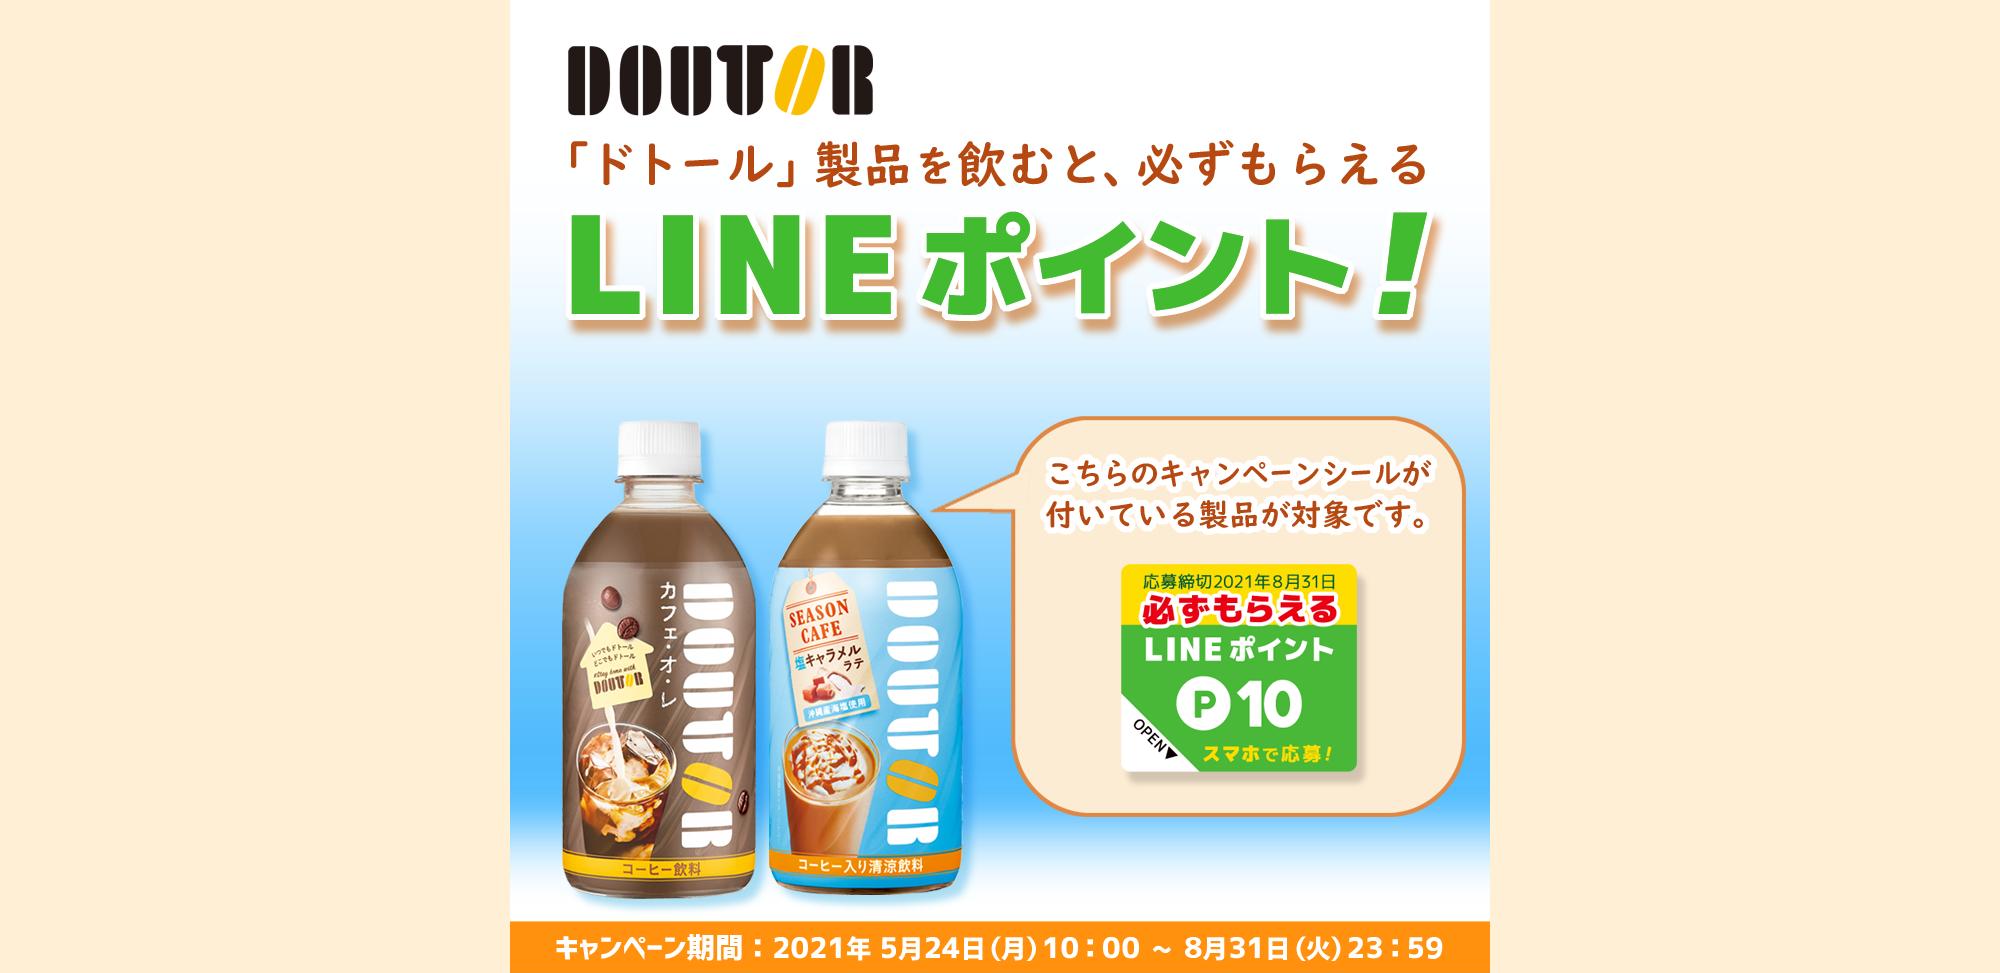 ドトールのペットボトル飲料のカフェオレと塩キャラメルラテを買うともれなく10LINEポイントが貰える。~8/31。